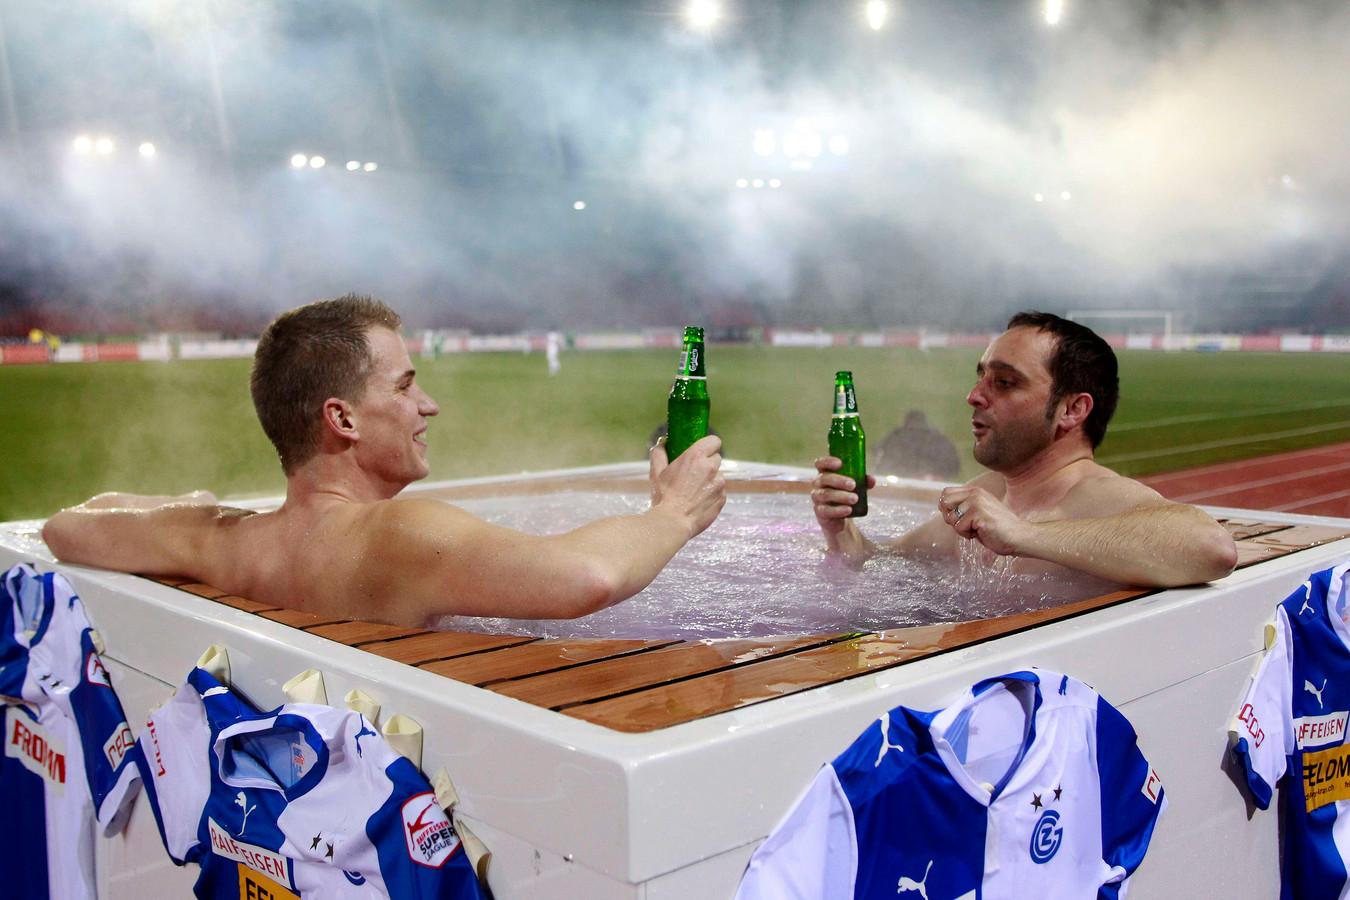 лучший ржачные фото мужчины смотрят футбол вечеринку маерсу